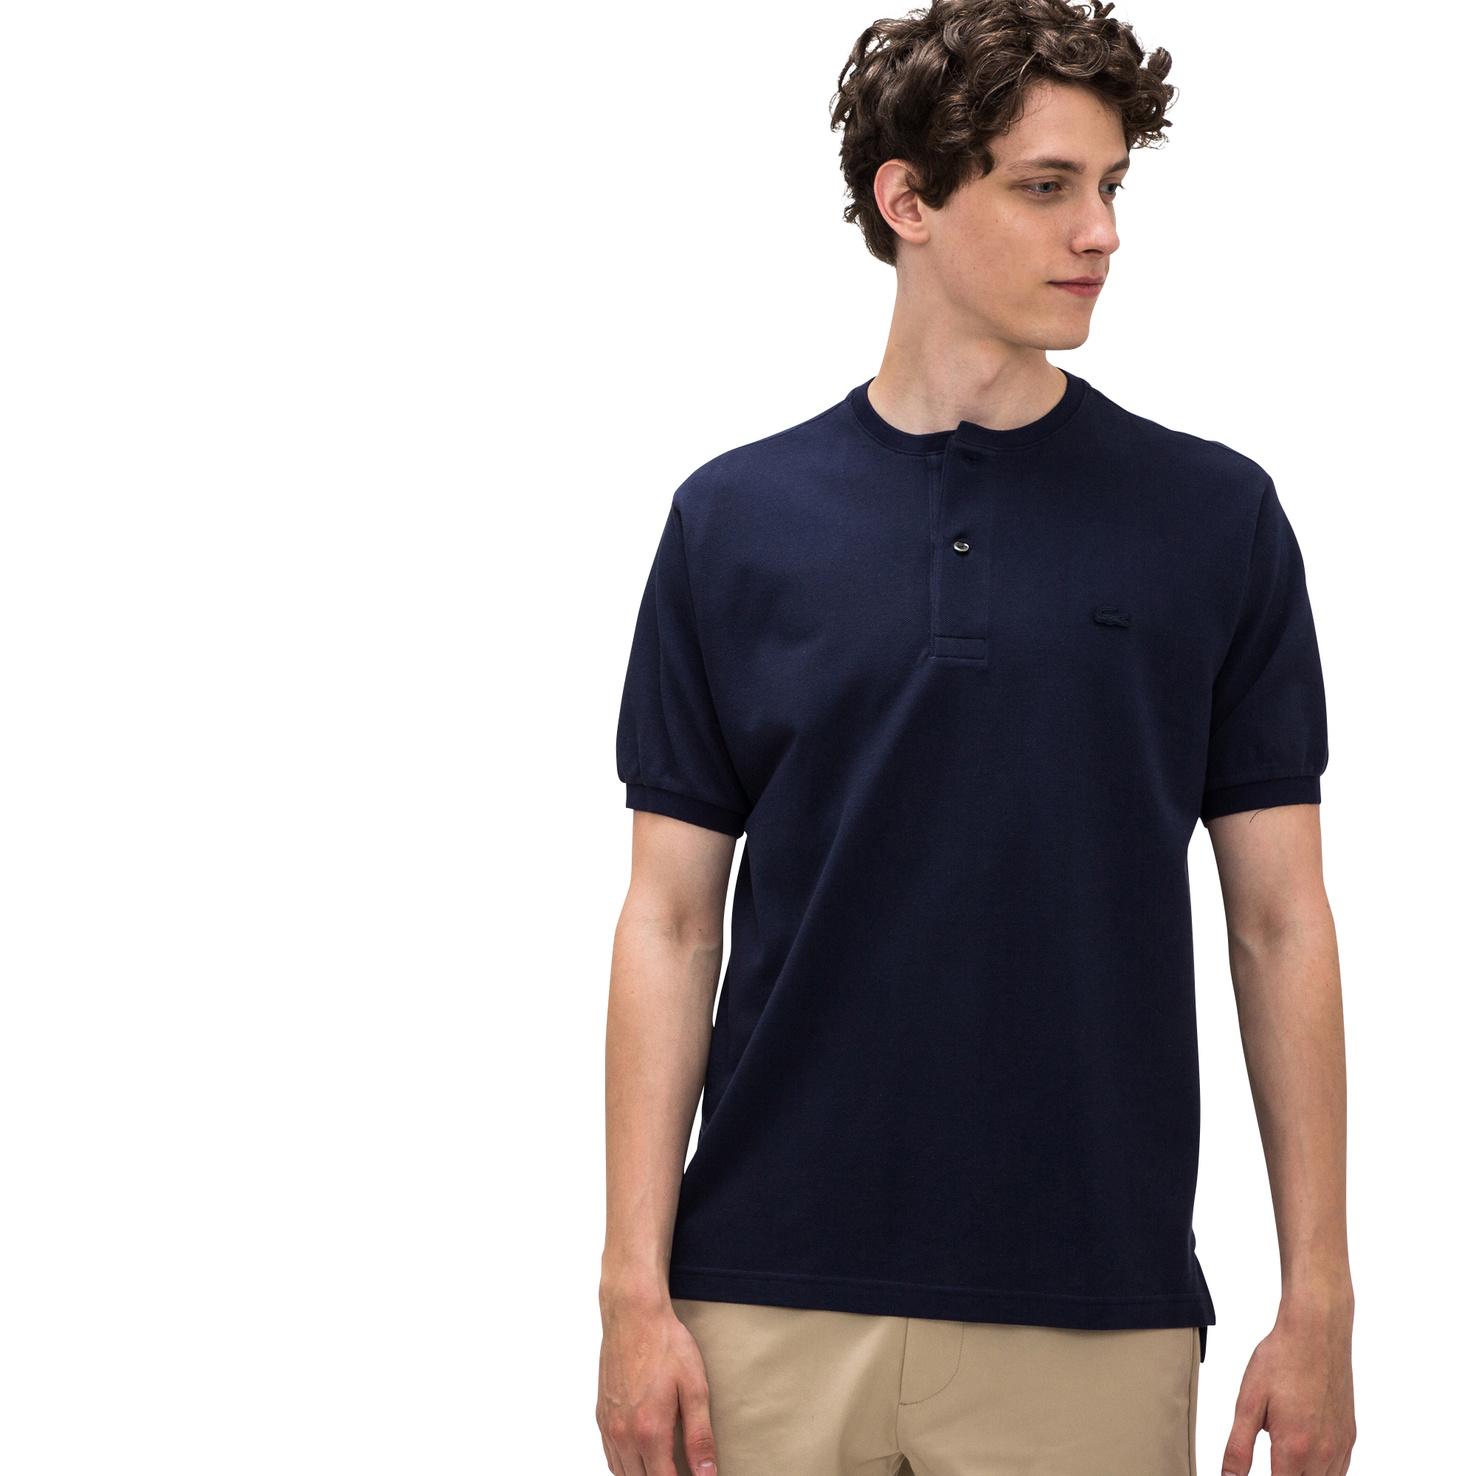 メンズ ラコステ ポロシャツ(半袖) ネイビー